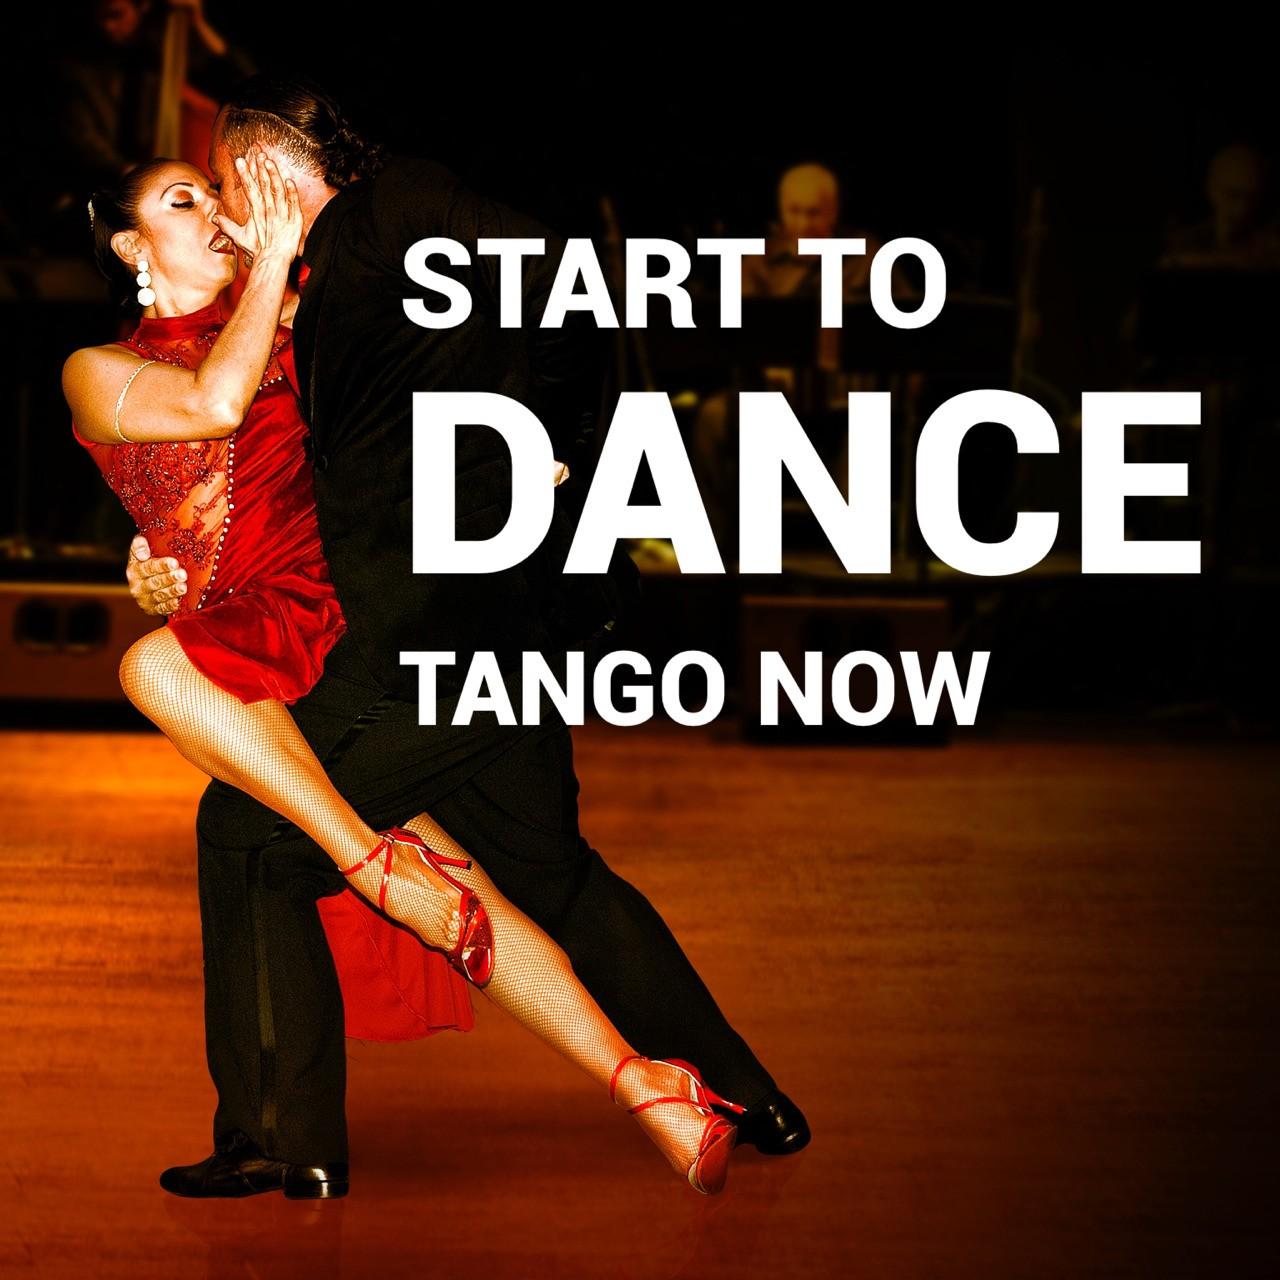 Start Tango now. #tangoinmiami #tangoteraphy www.diegosantanatango.com